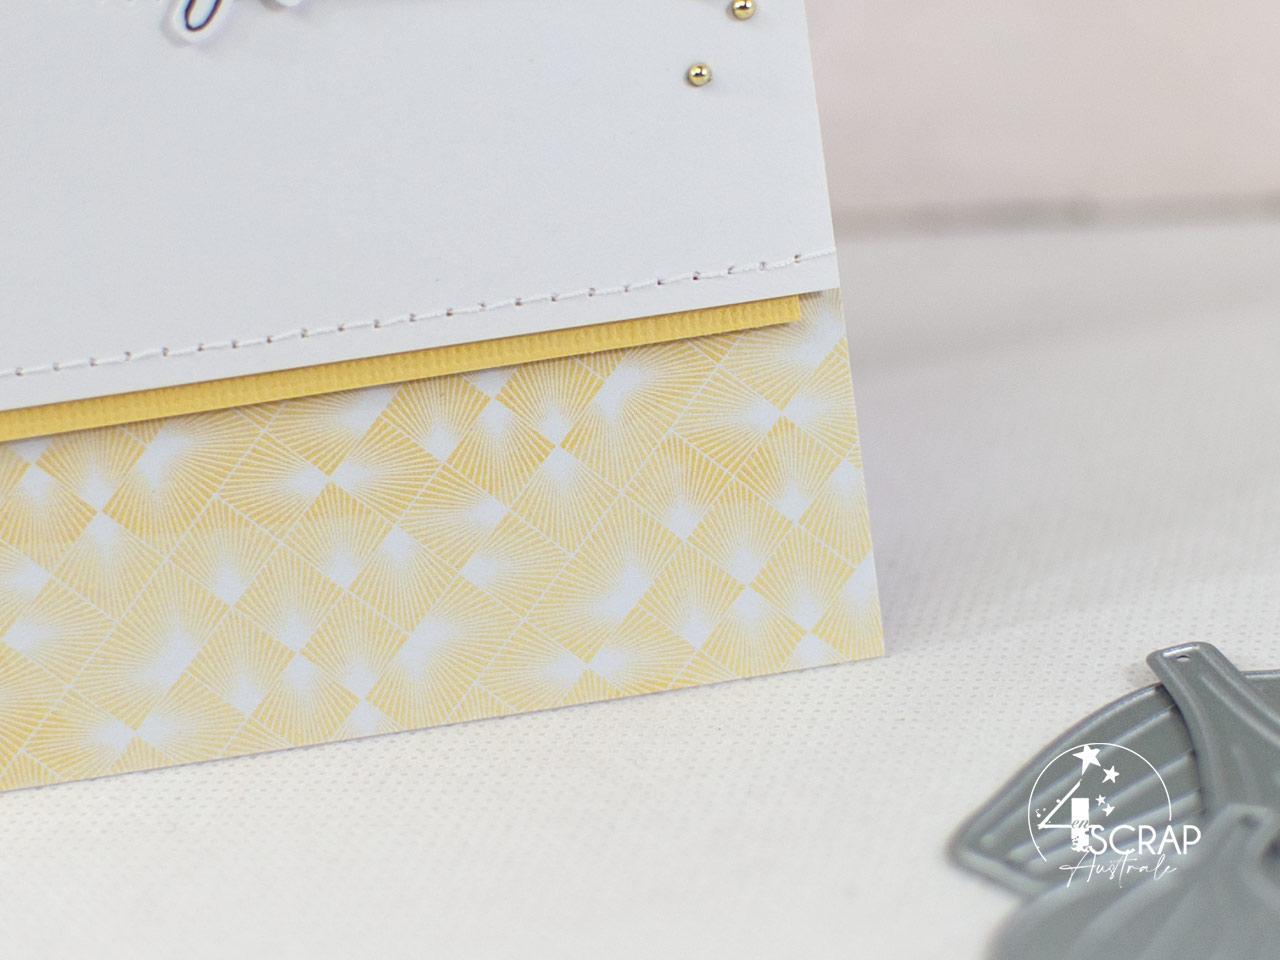 Création d'une carte d'anniversaire avec des orchidées à l'aquarelle.